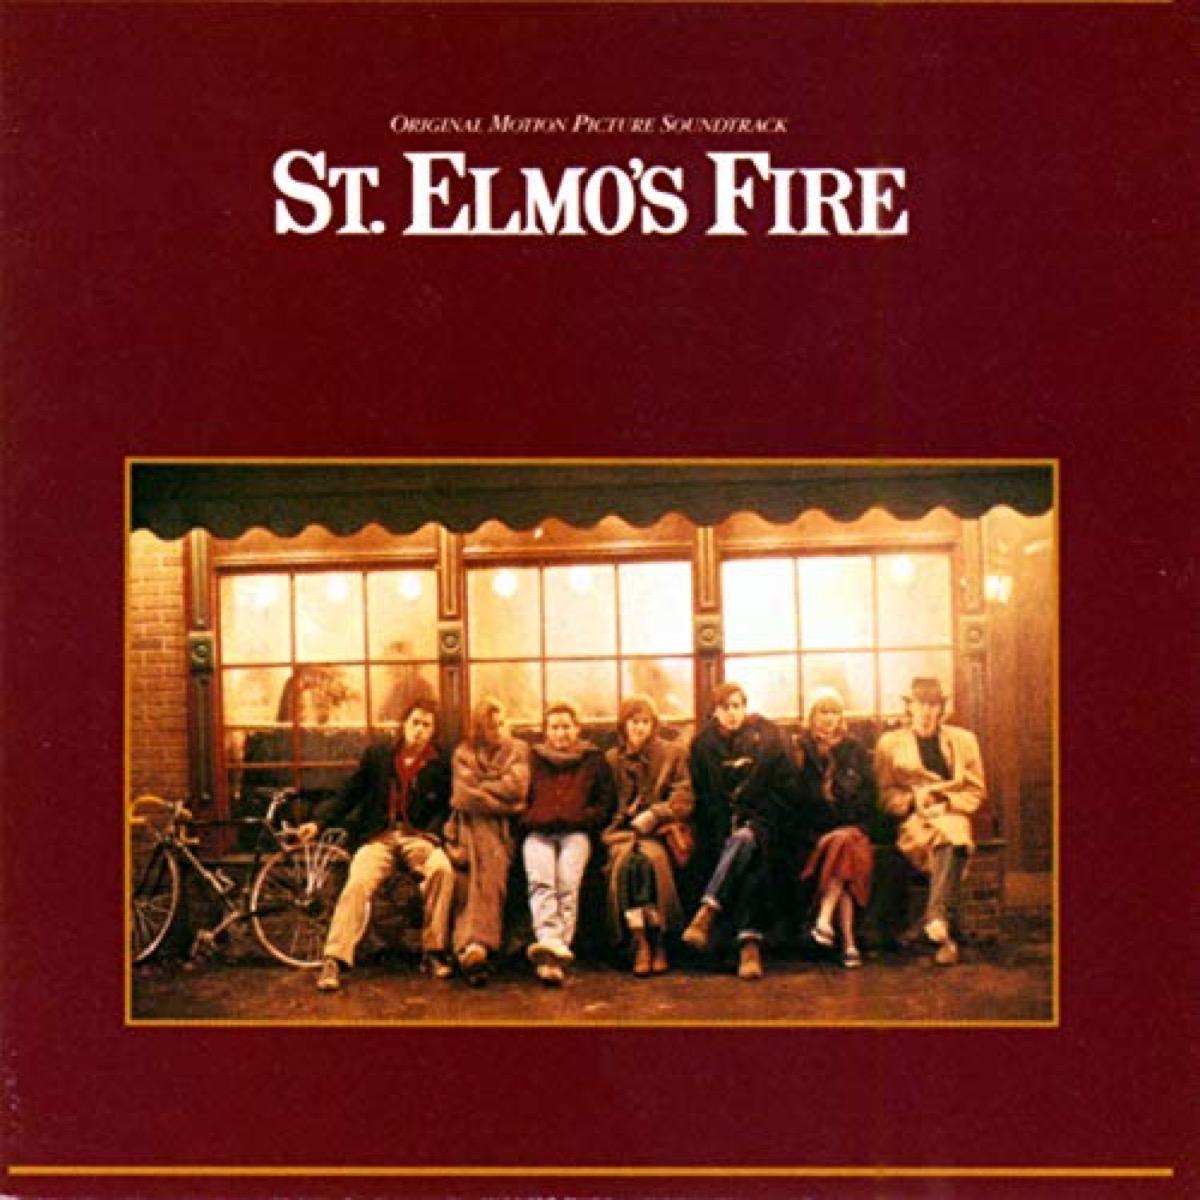 st elmos fire movie soundtrack album cover